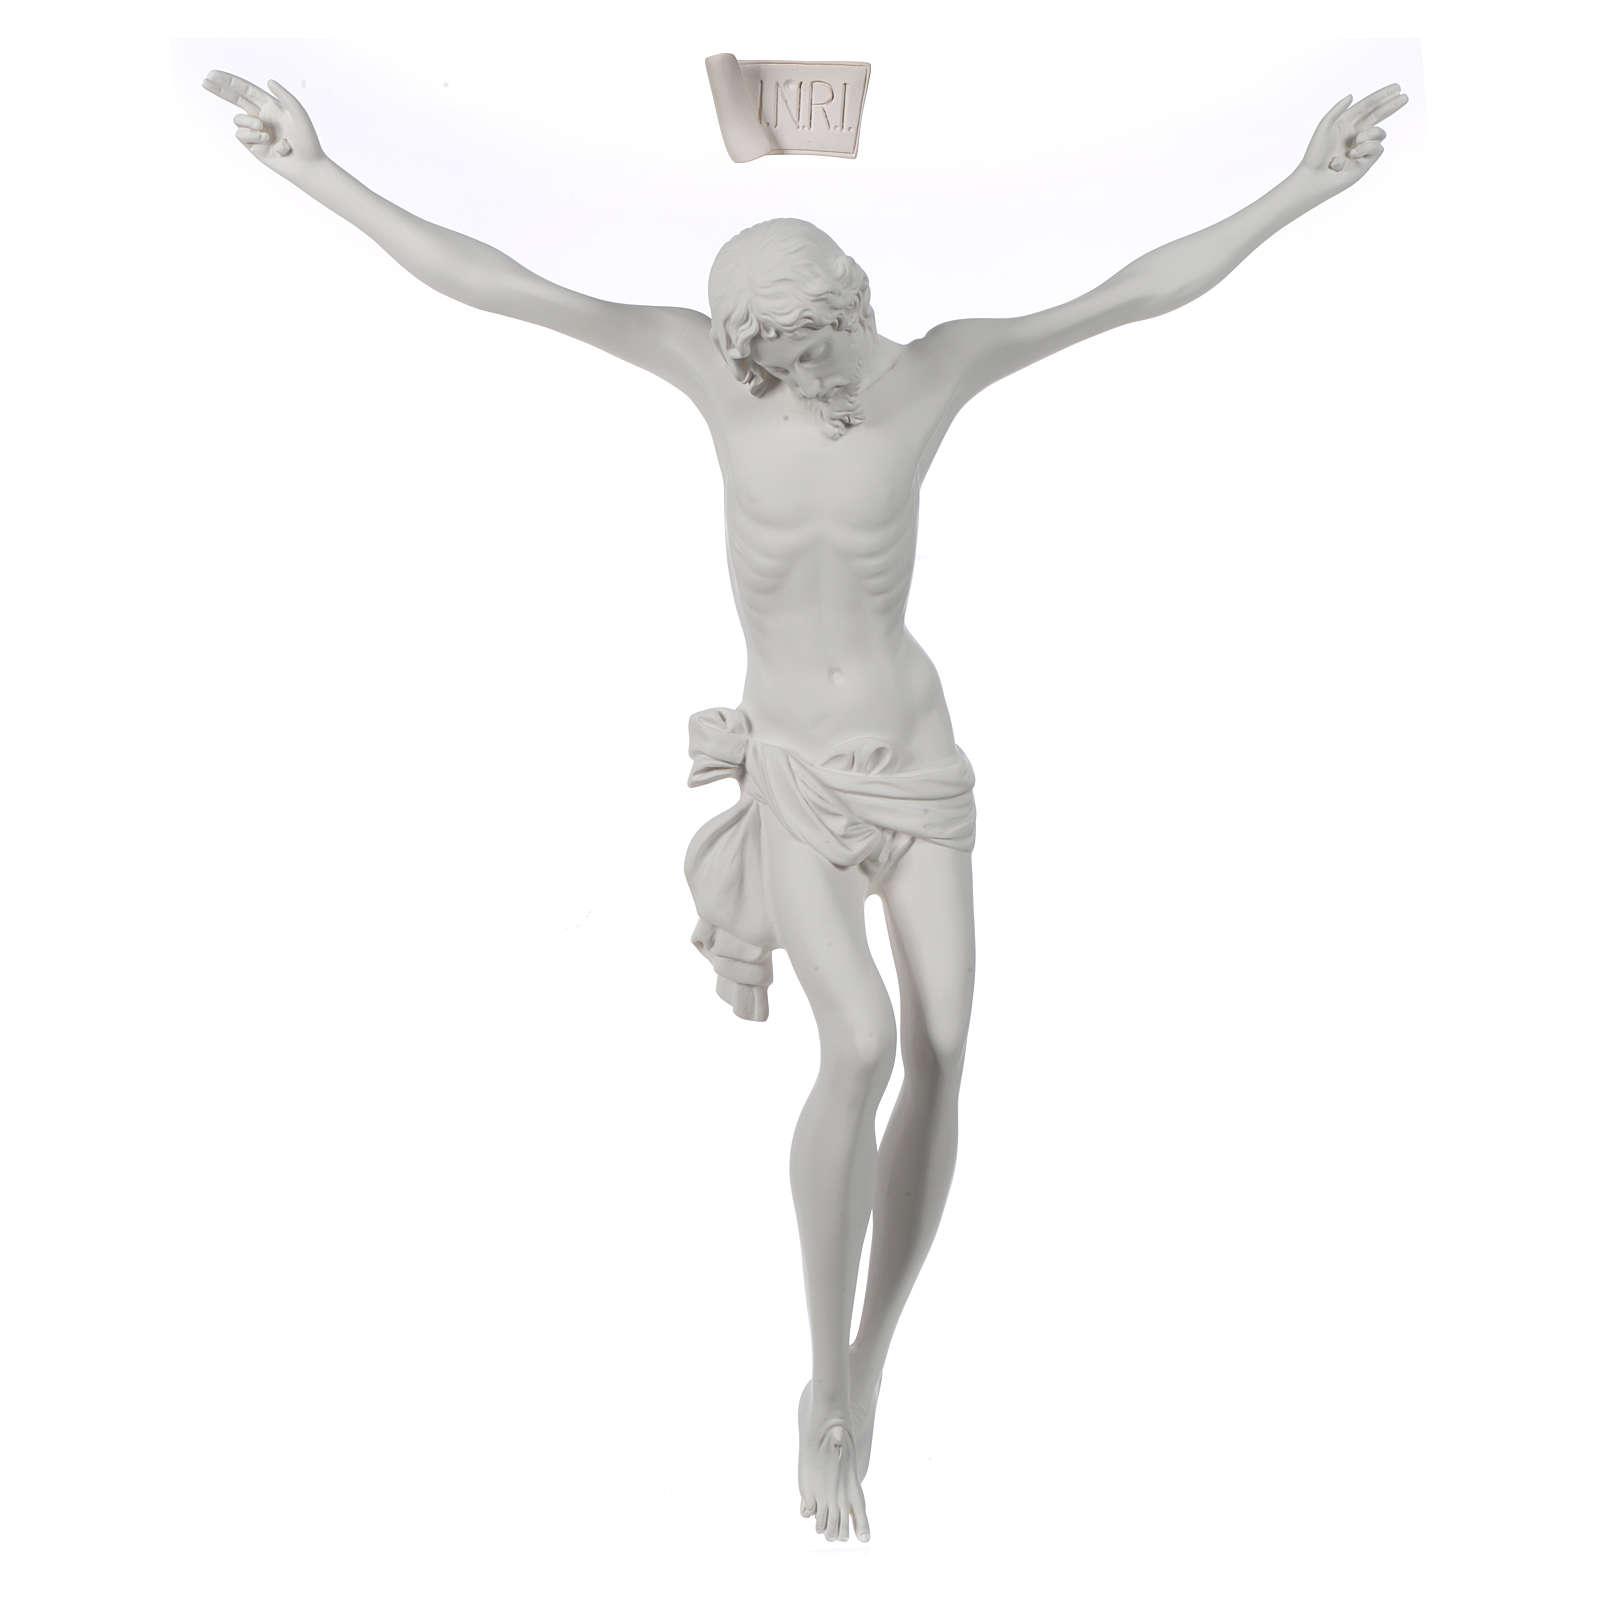 Crocefisso targa in polvere di marmo bianco 4